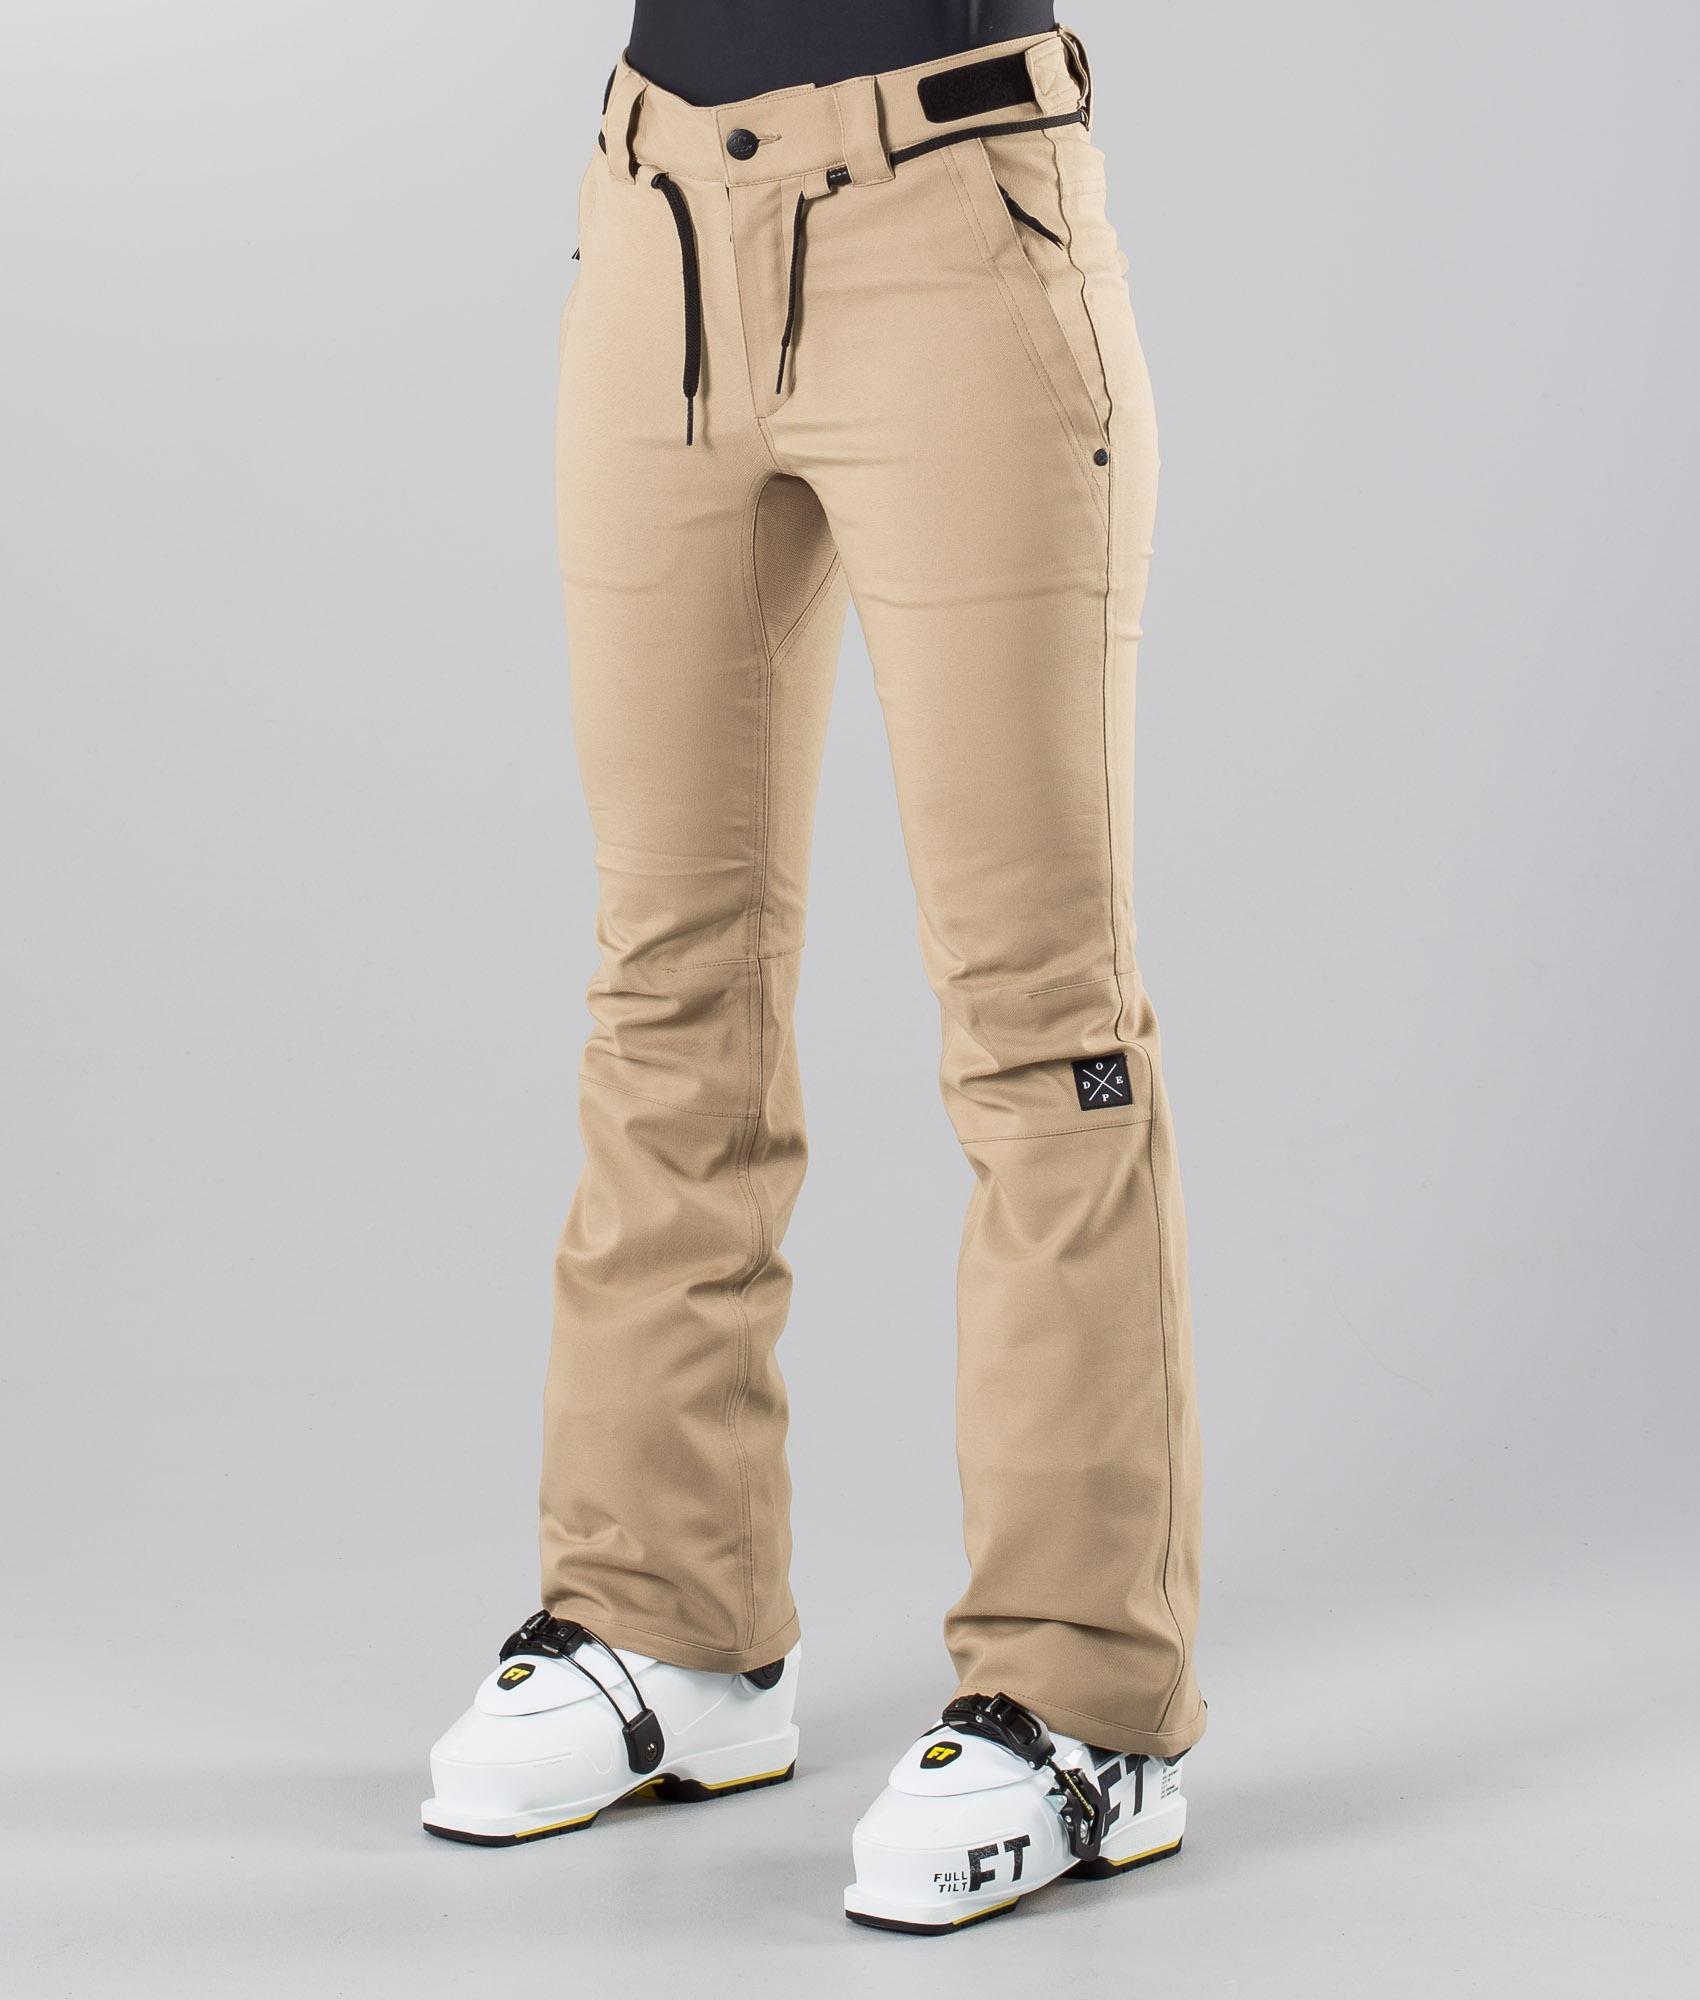 Kvinner khaki bukser (65 bilder): hva du skal ha, stil